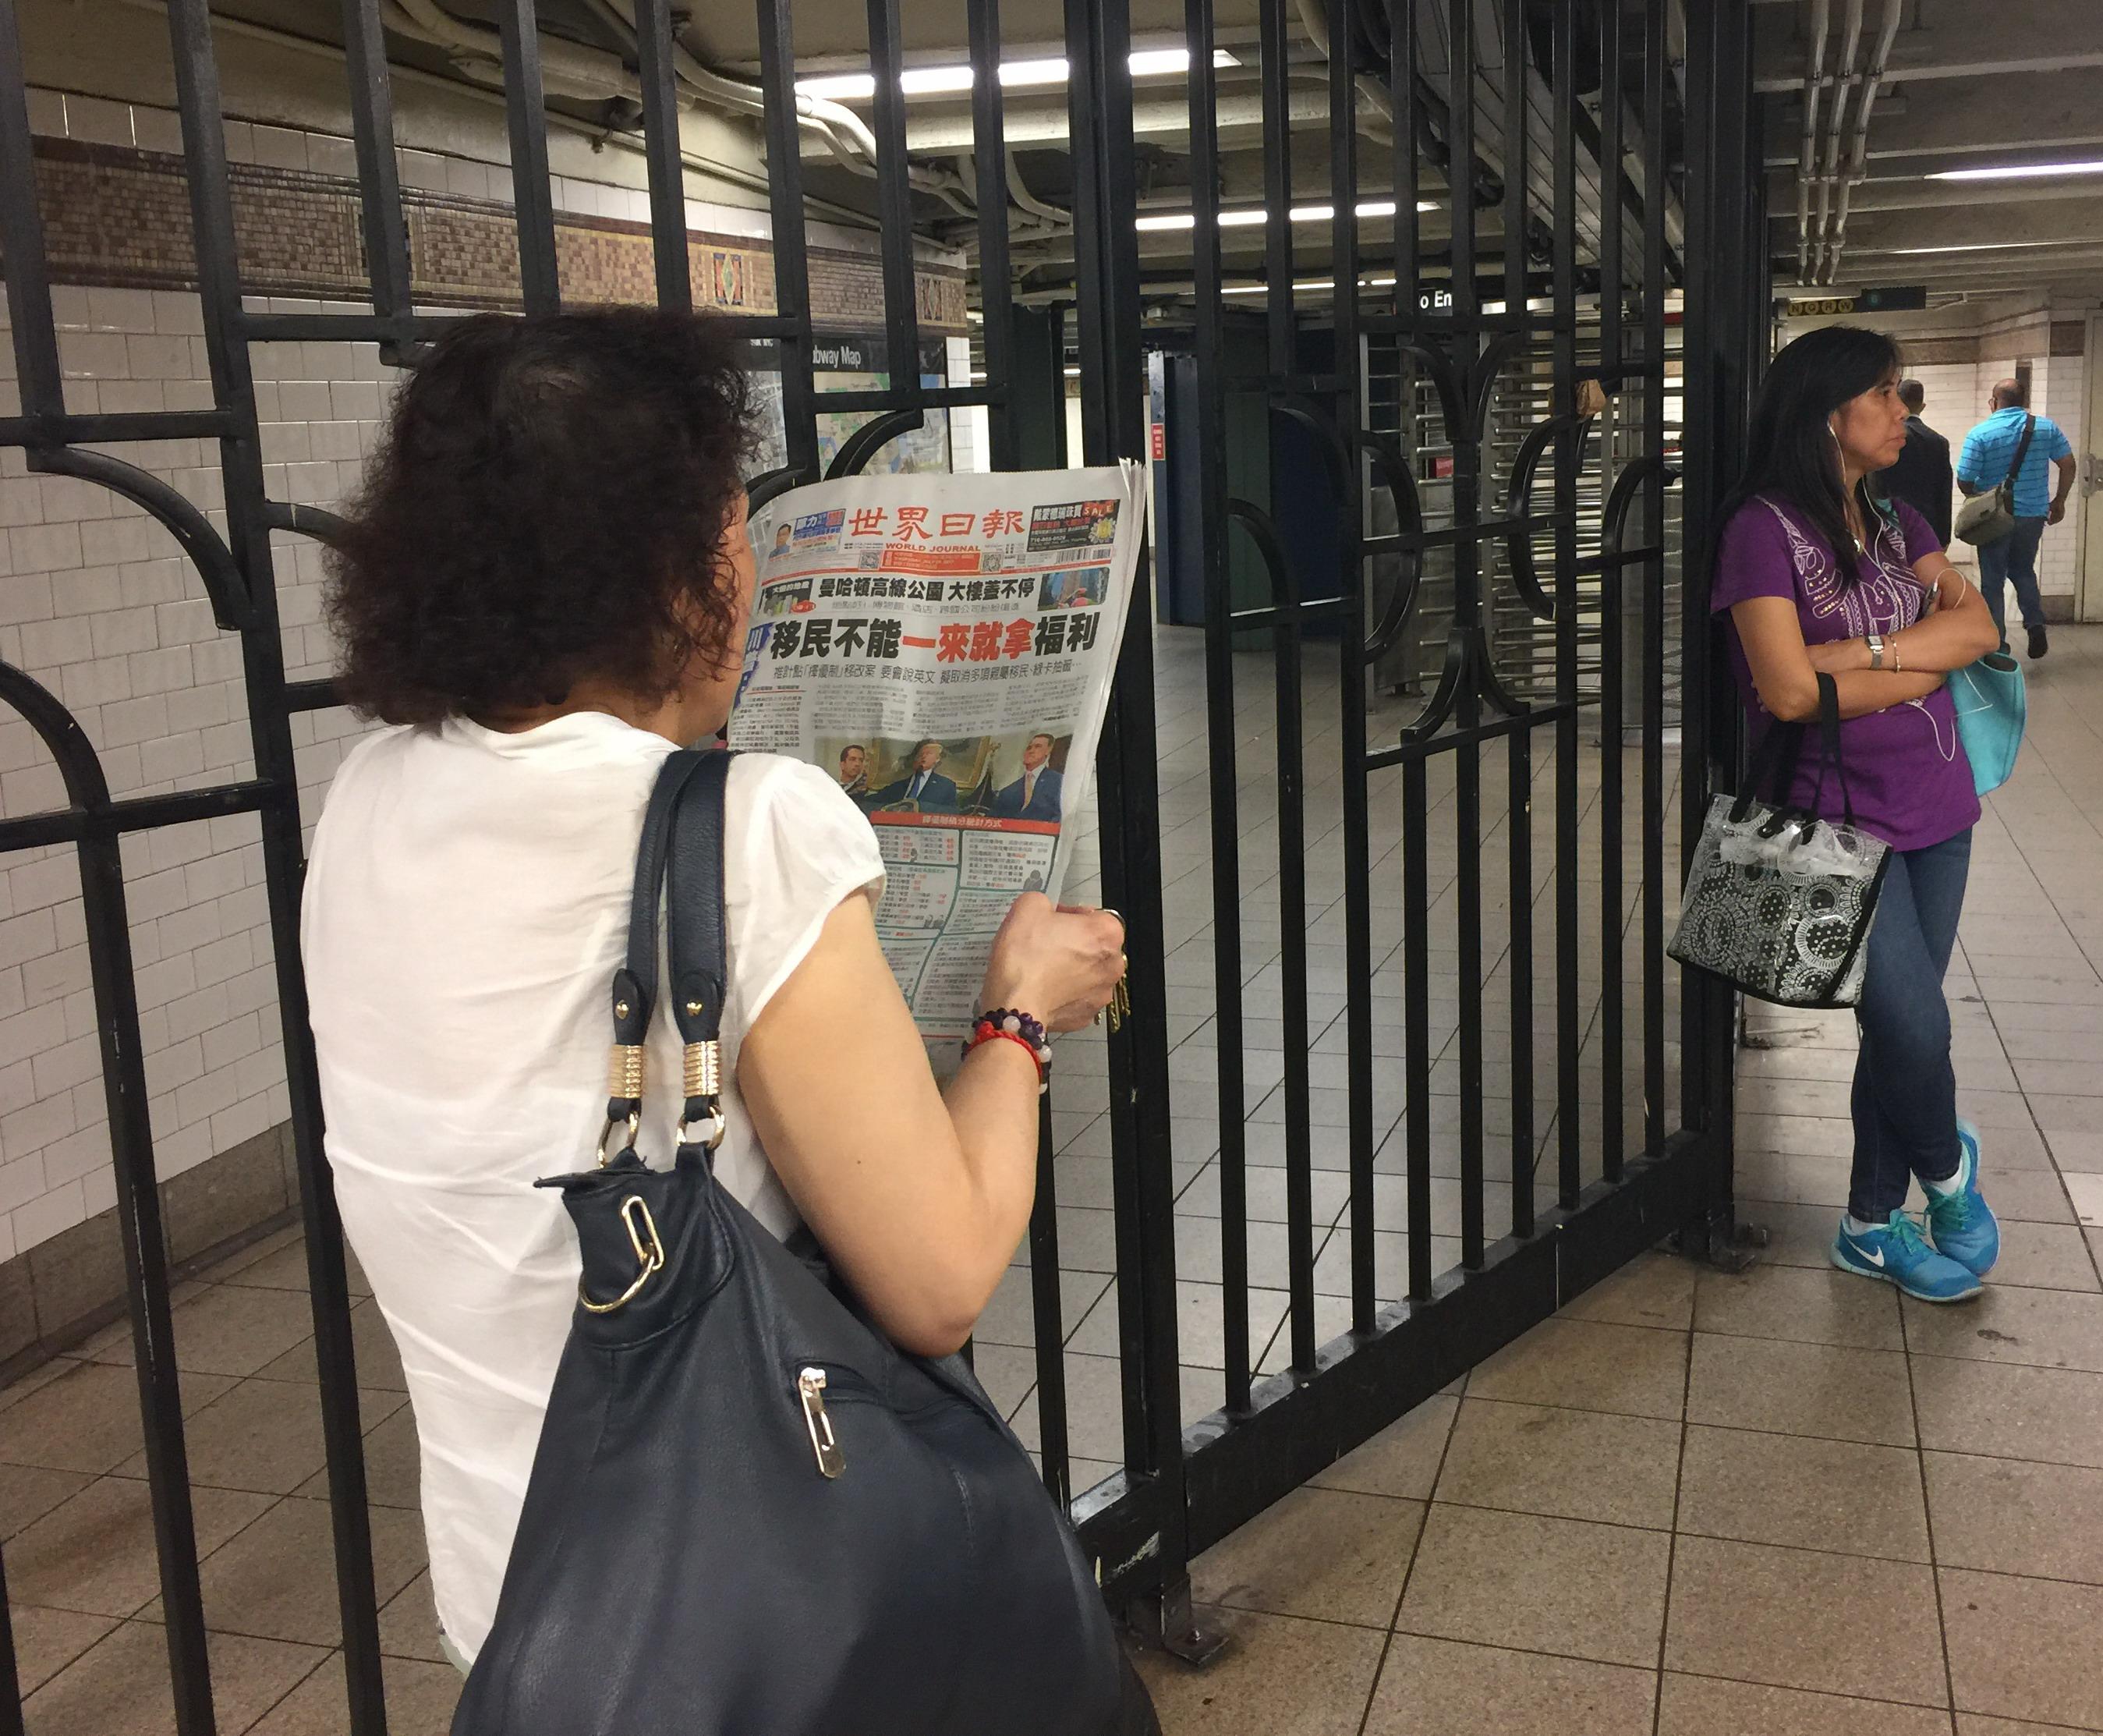 紐約民眾在地鐵站台上閱讀世報福利系列報導。(記者顏嘉瑩/攝影)